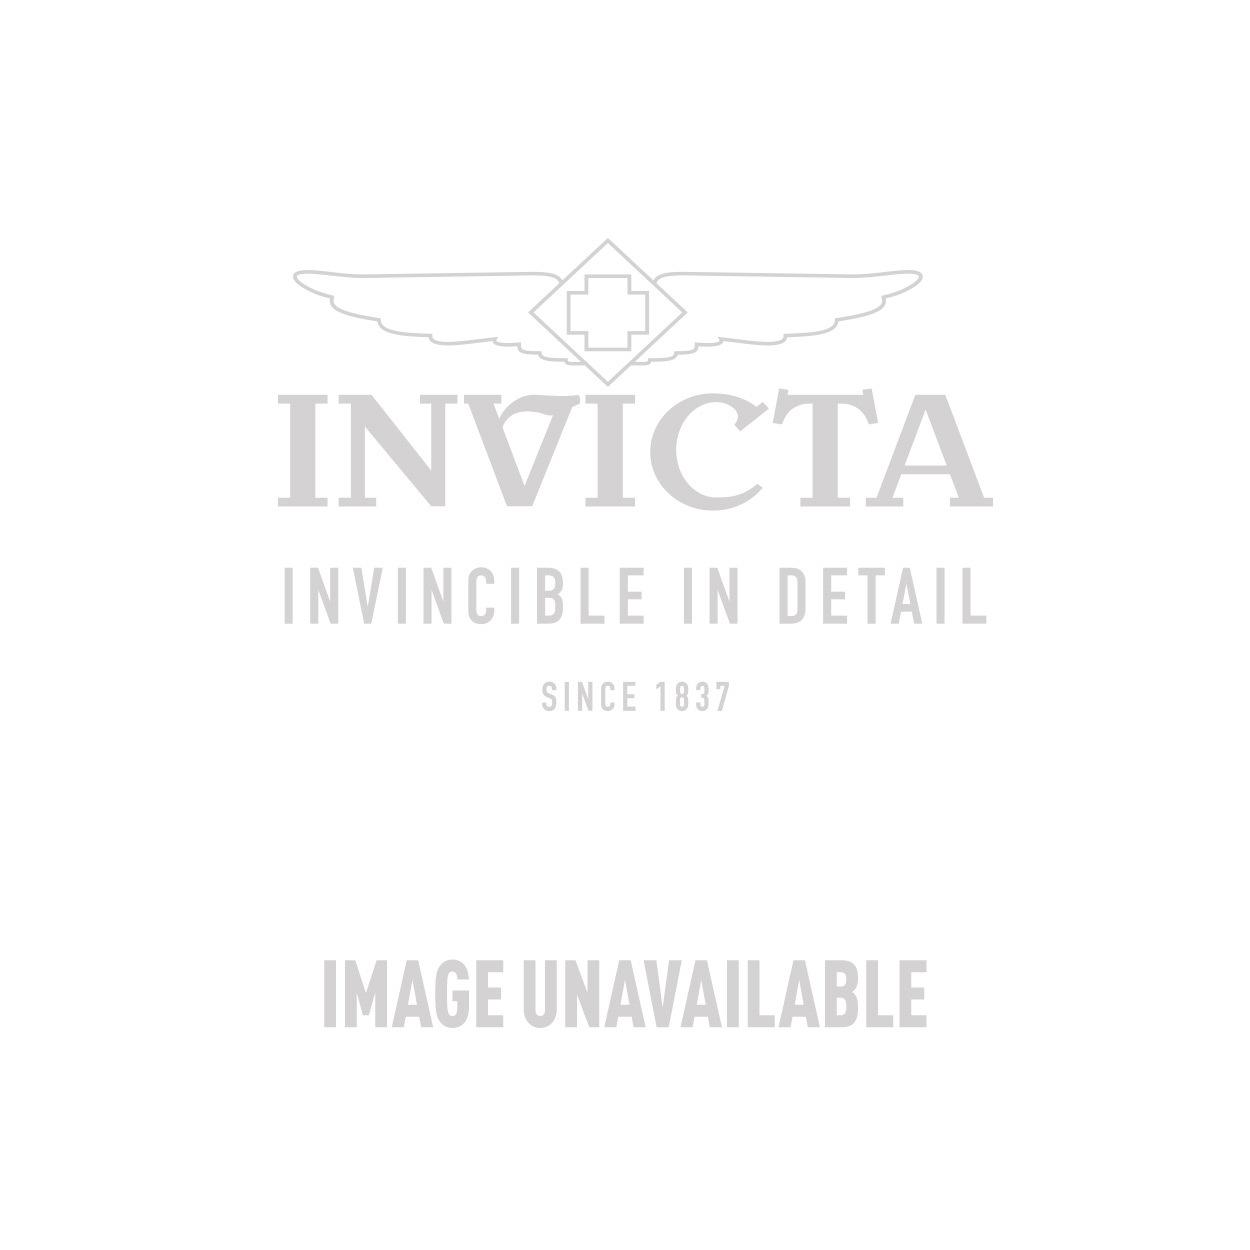 Invicta Model 29403